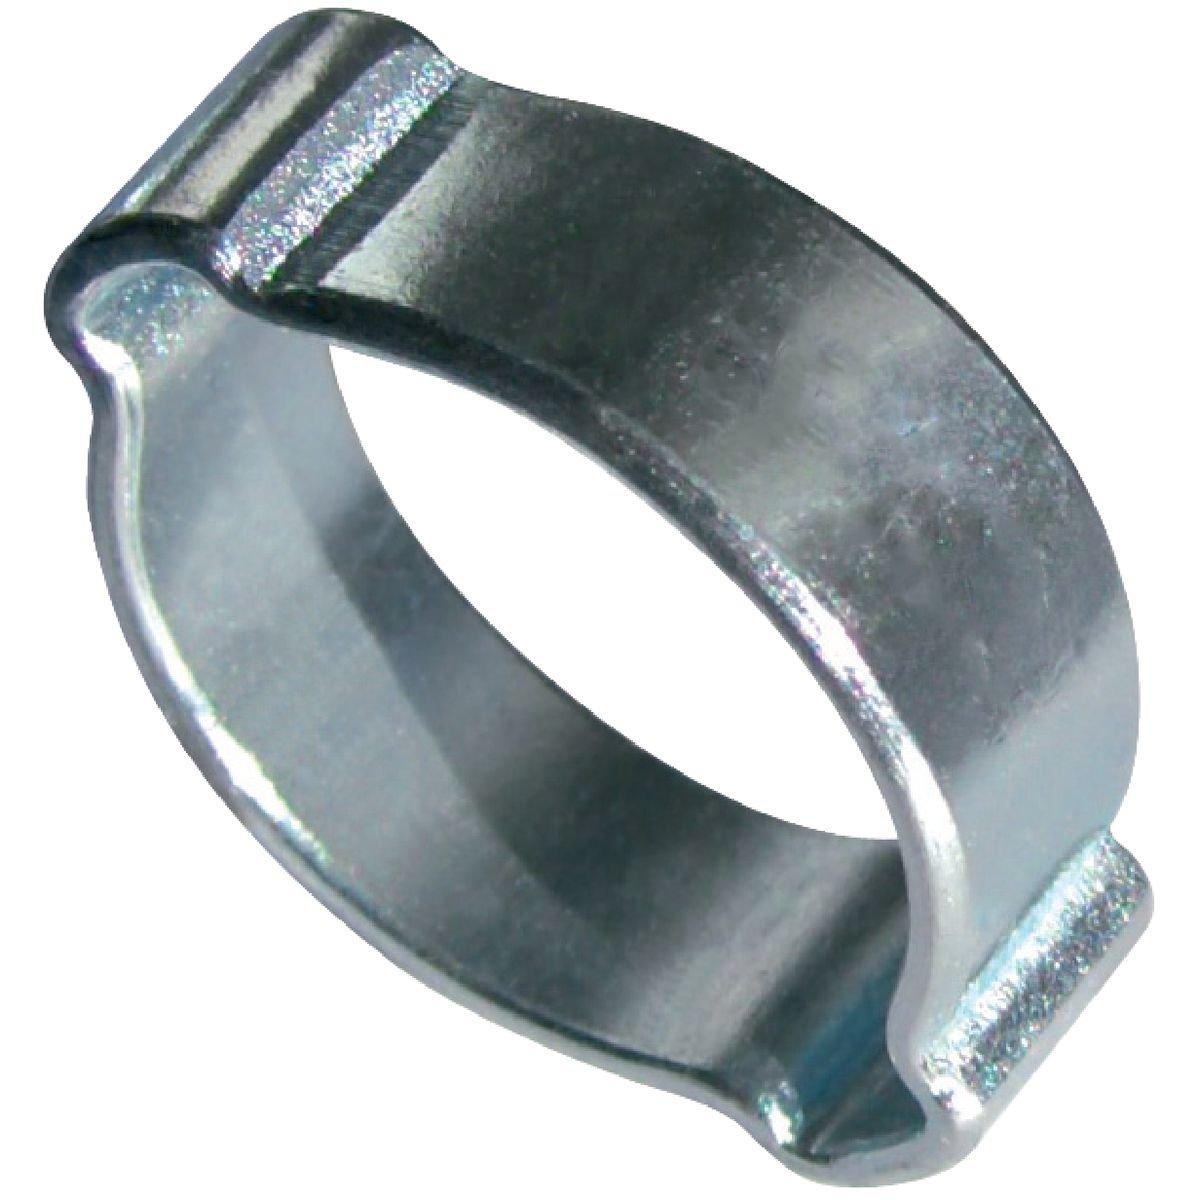 Collier à 2 oreilles standard W1 Ace - Dimensions 15 - 18 x 7, 5 mm - Vendu par 10 Bricodeal